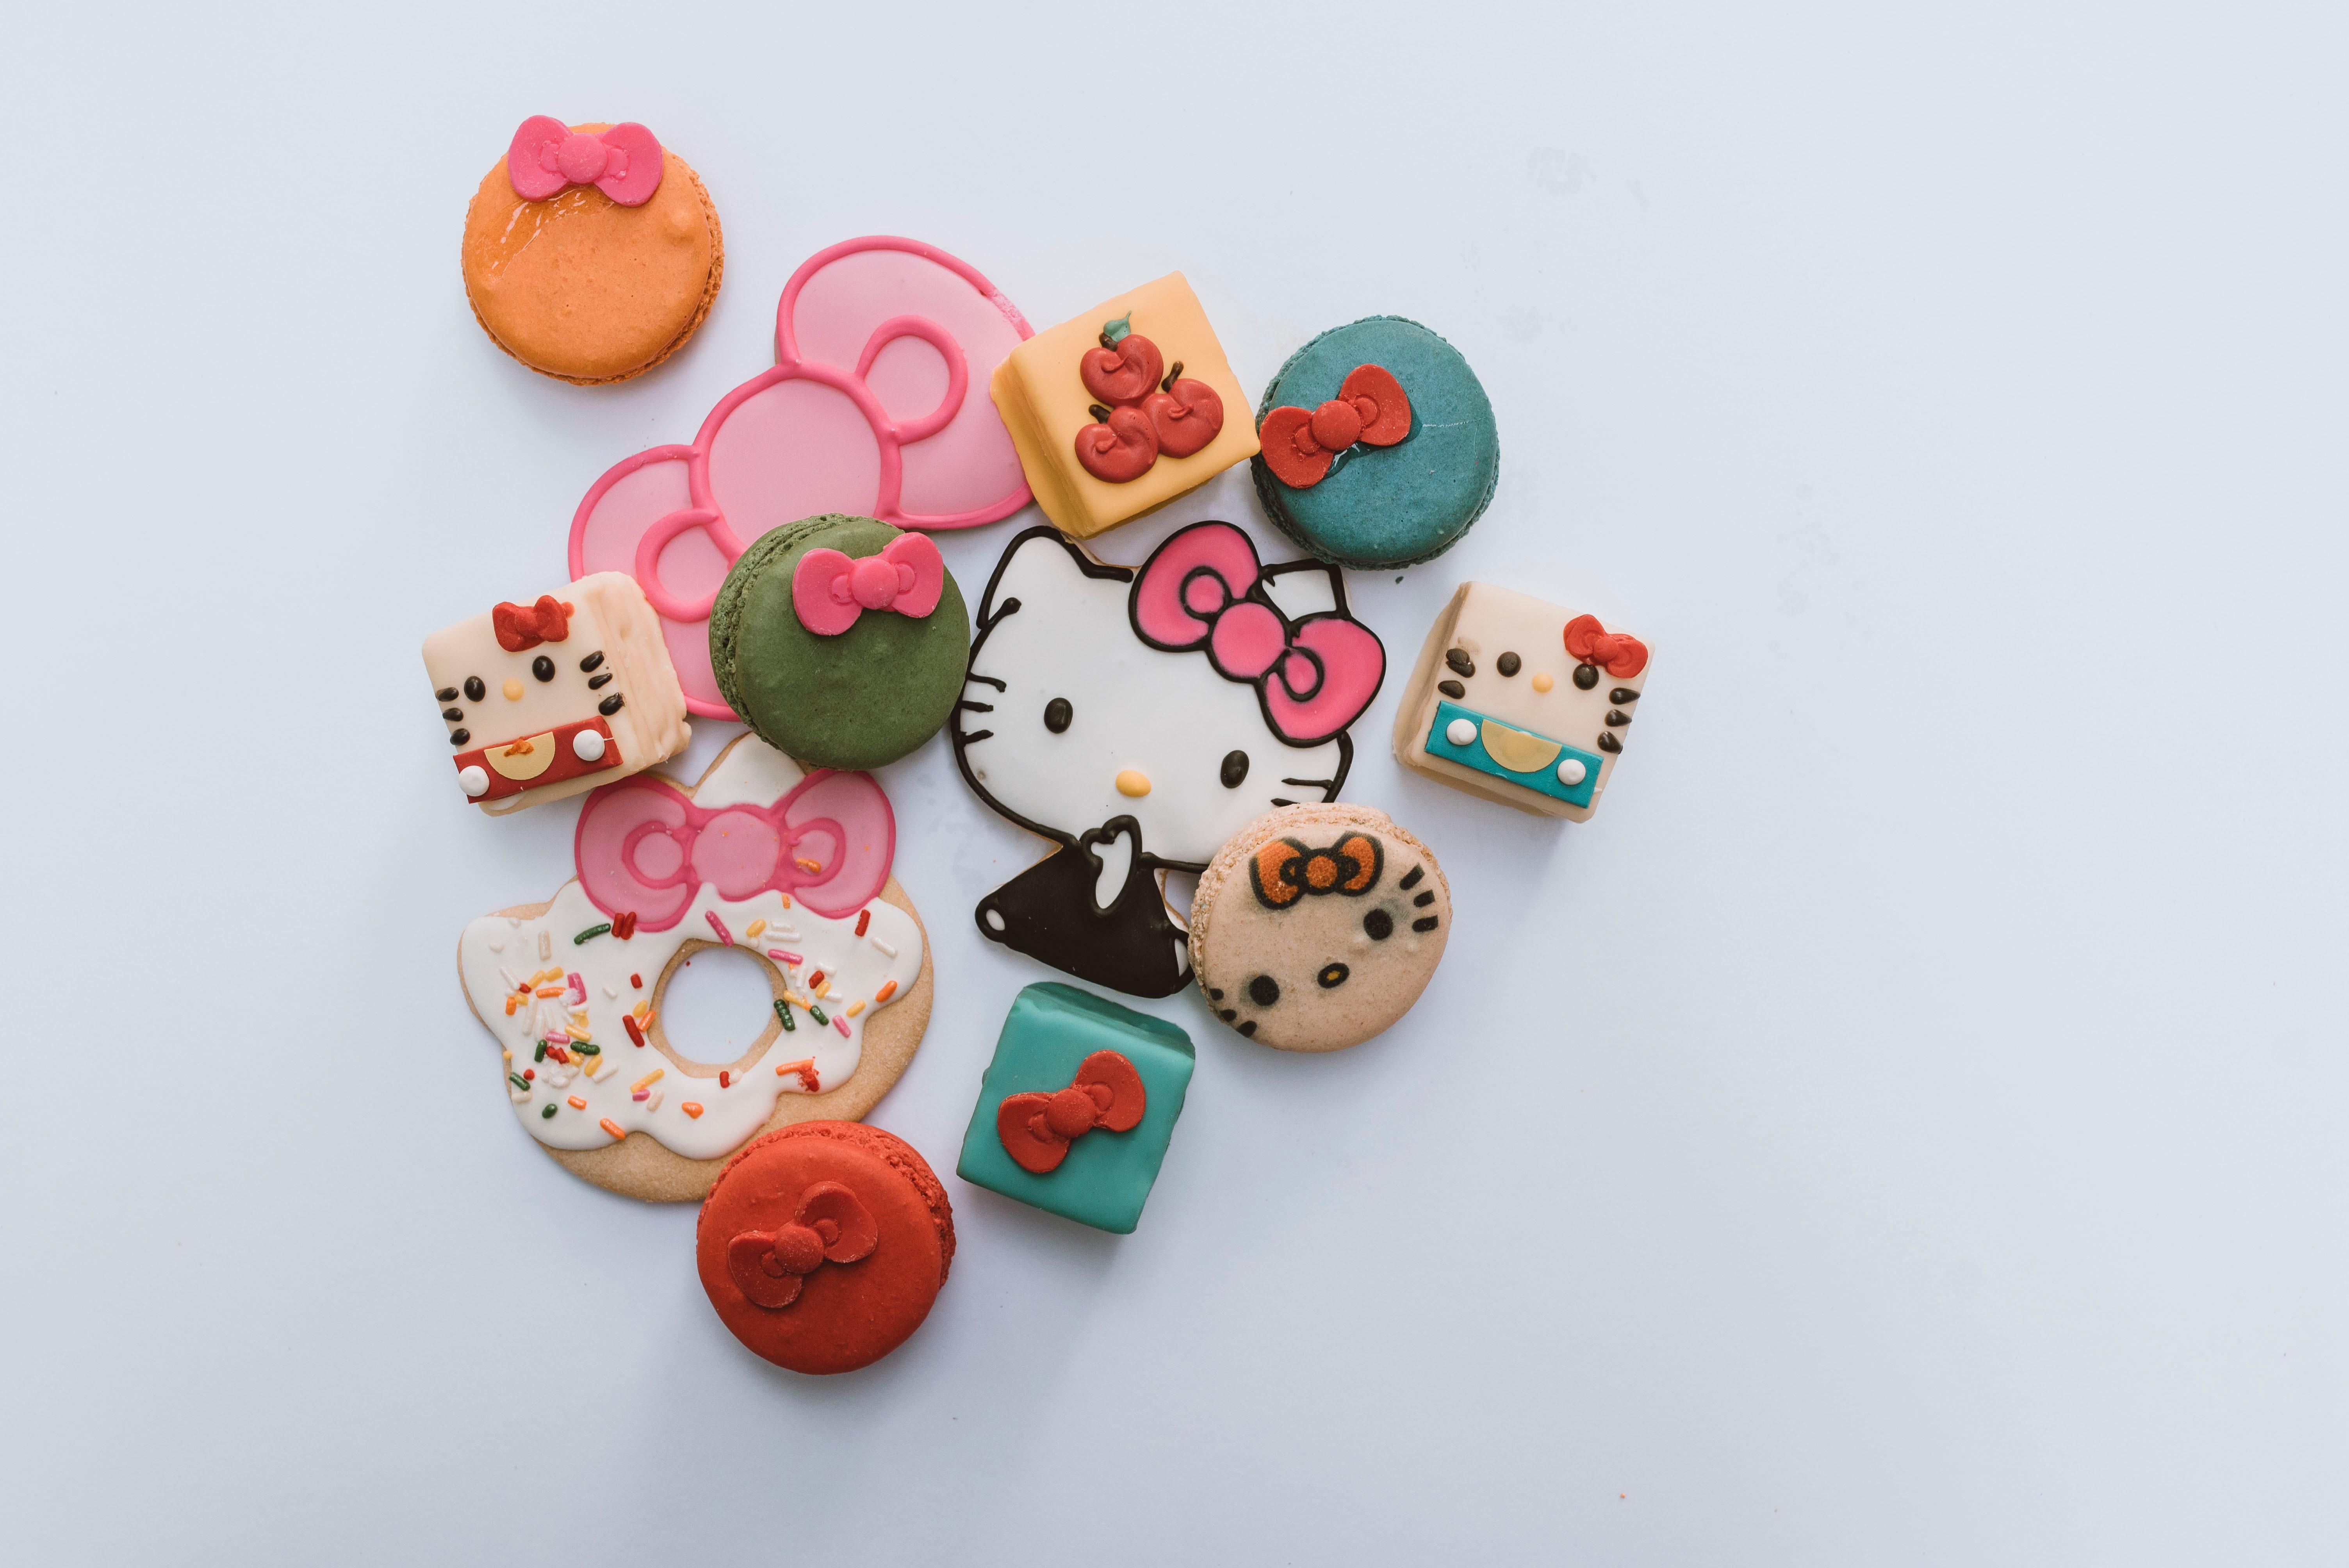 Sanrio Puroland: A cuteness overload